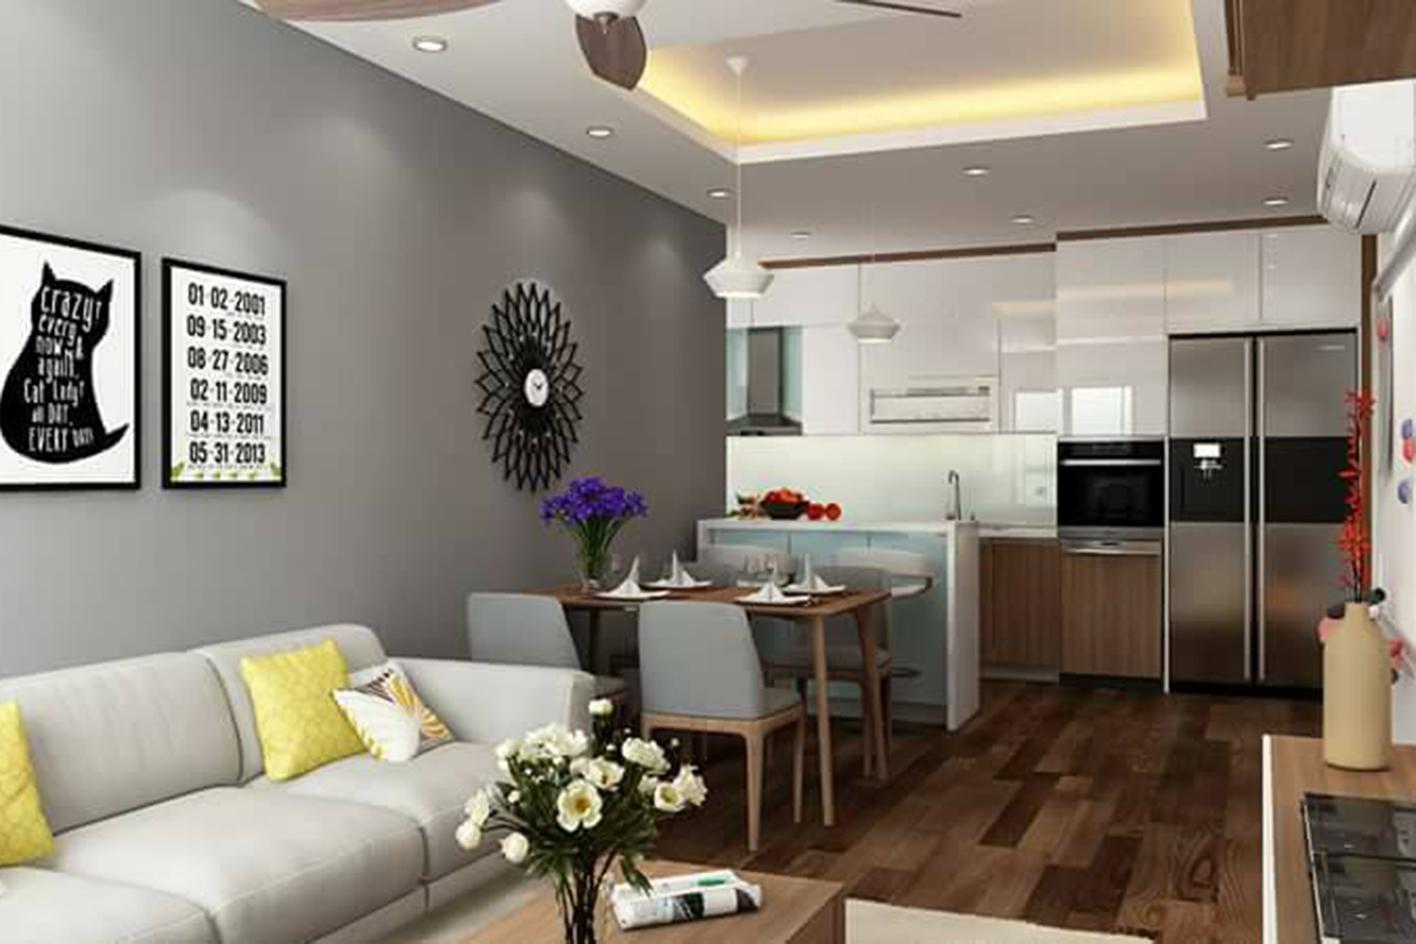 Phòng khách bếp chung cư nhà anh Khánh - Chung cư Gamuda The One Residence